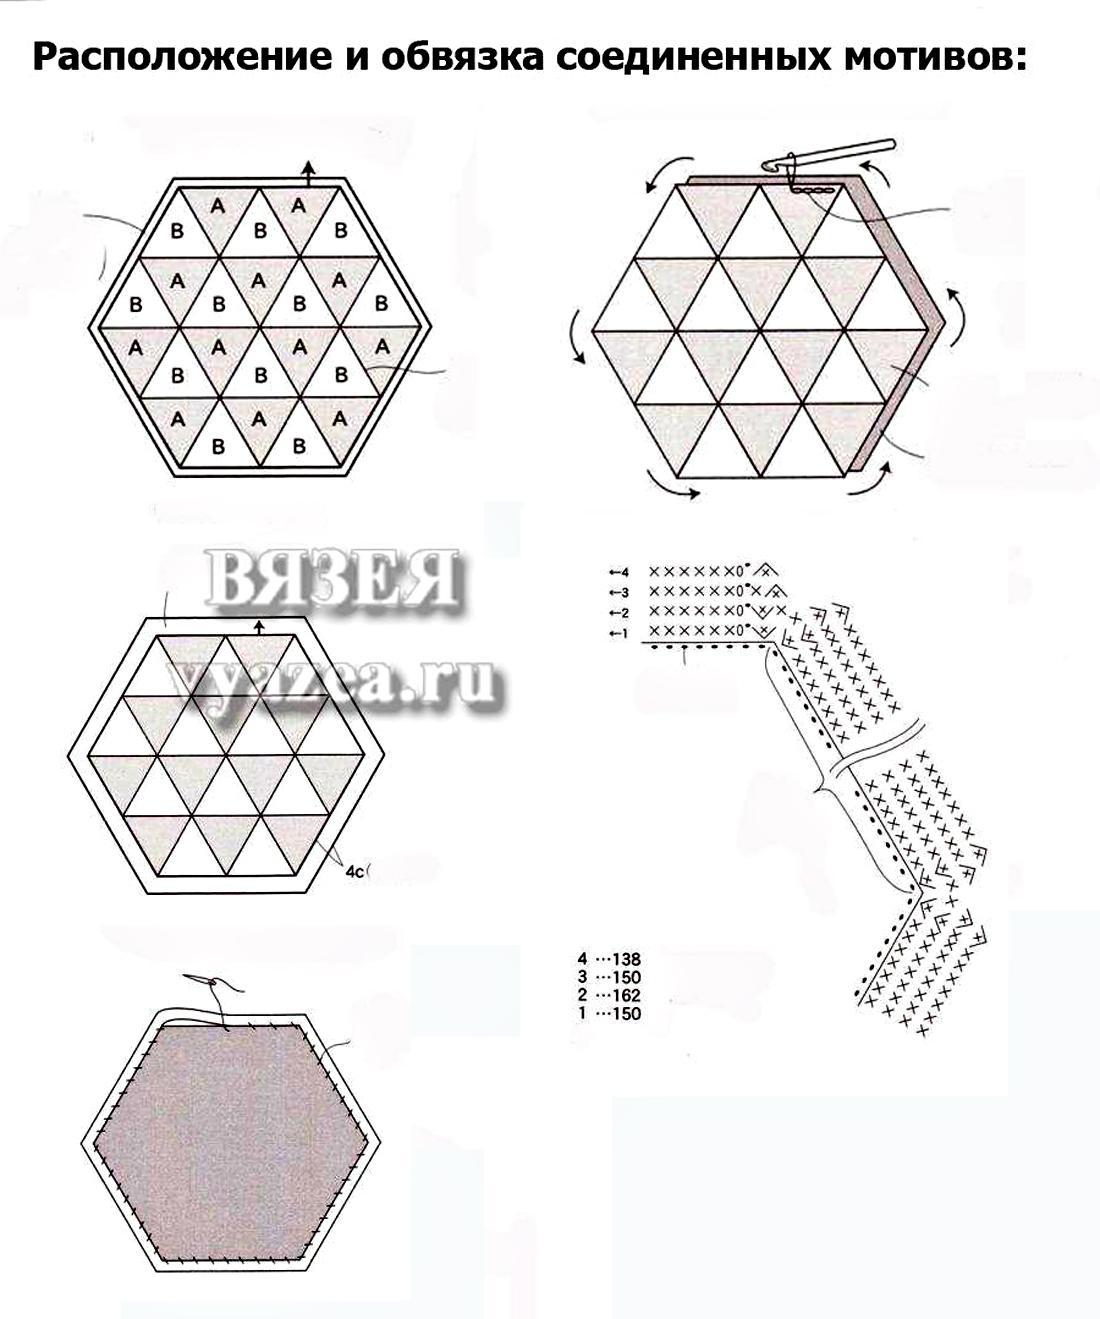 Накидки на табурет крючком схемы вязания 100